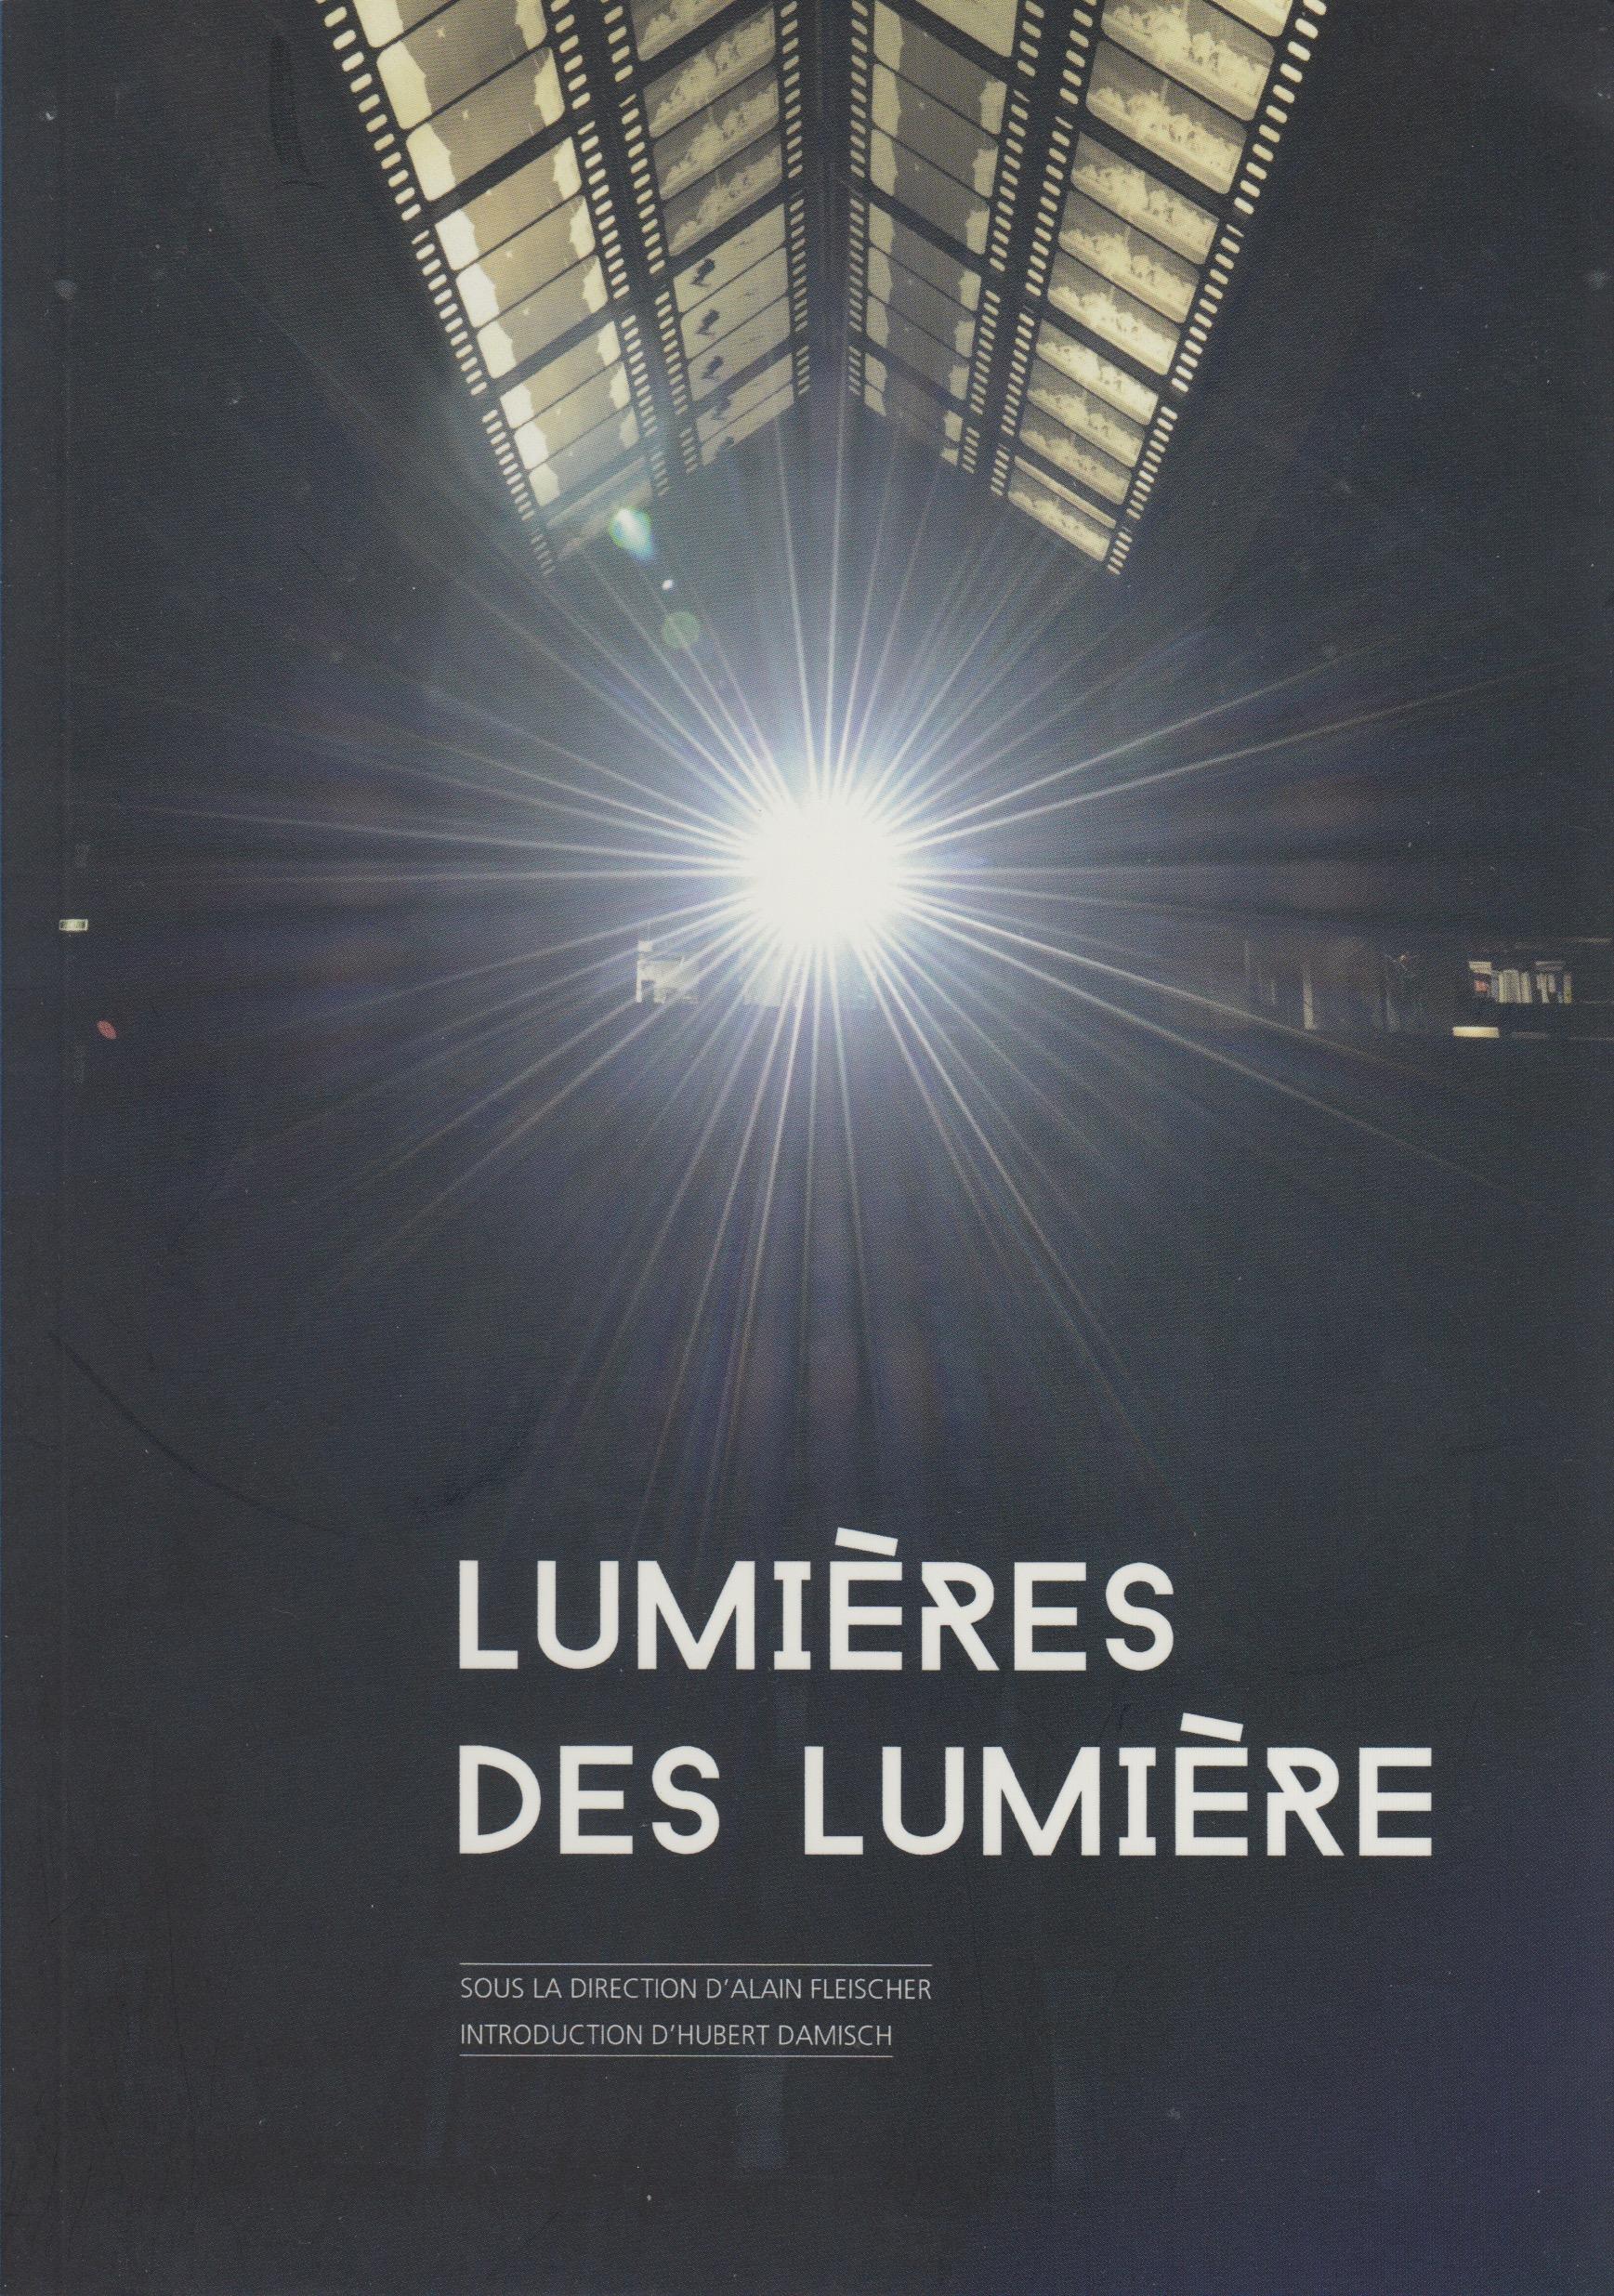 Éclairs ou présence du passé dans les images en mouvement, dans Lumières des Lumière (dir. Alain Fleischer), 2015.